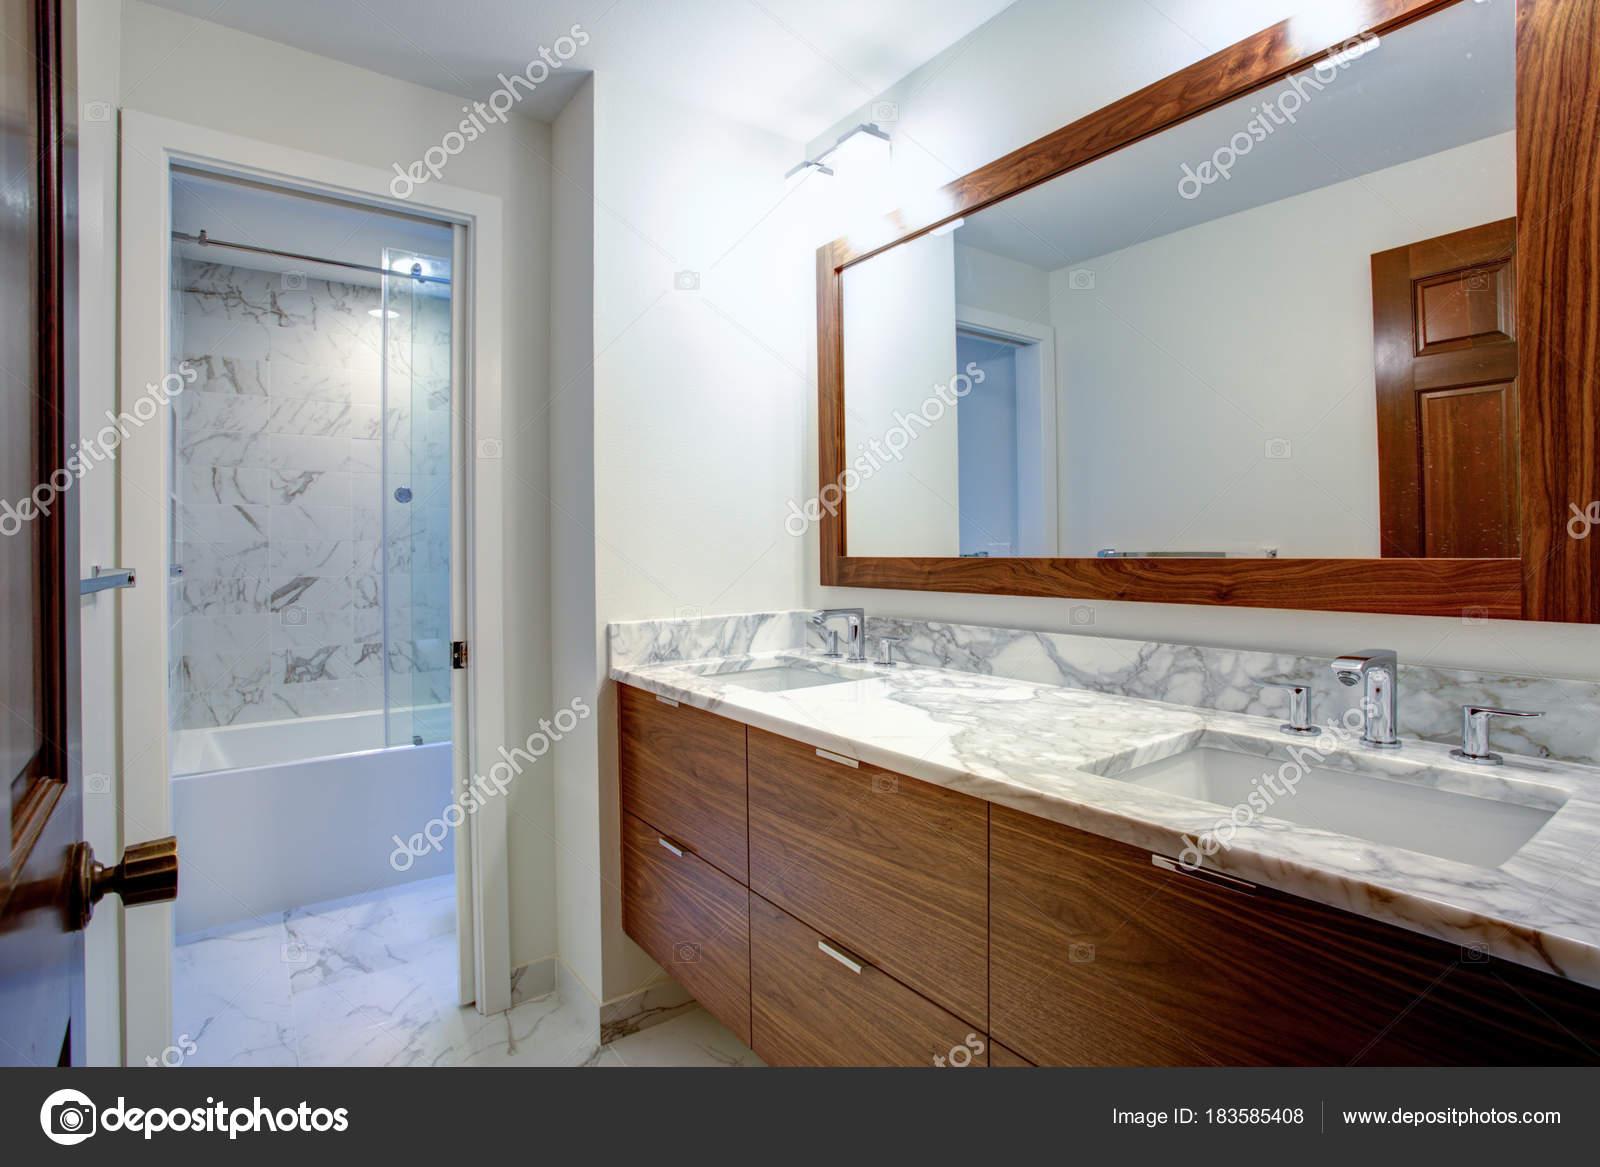 Elegante Badezimmer Verfügt über Die Doppelte Kabinett Eitelkeit Mit Weißen  Grauen Marmor Arbeitsplatte Und Weißes Rechteck Undermount Auf Marmorboden  Sinkt ...